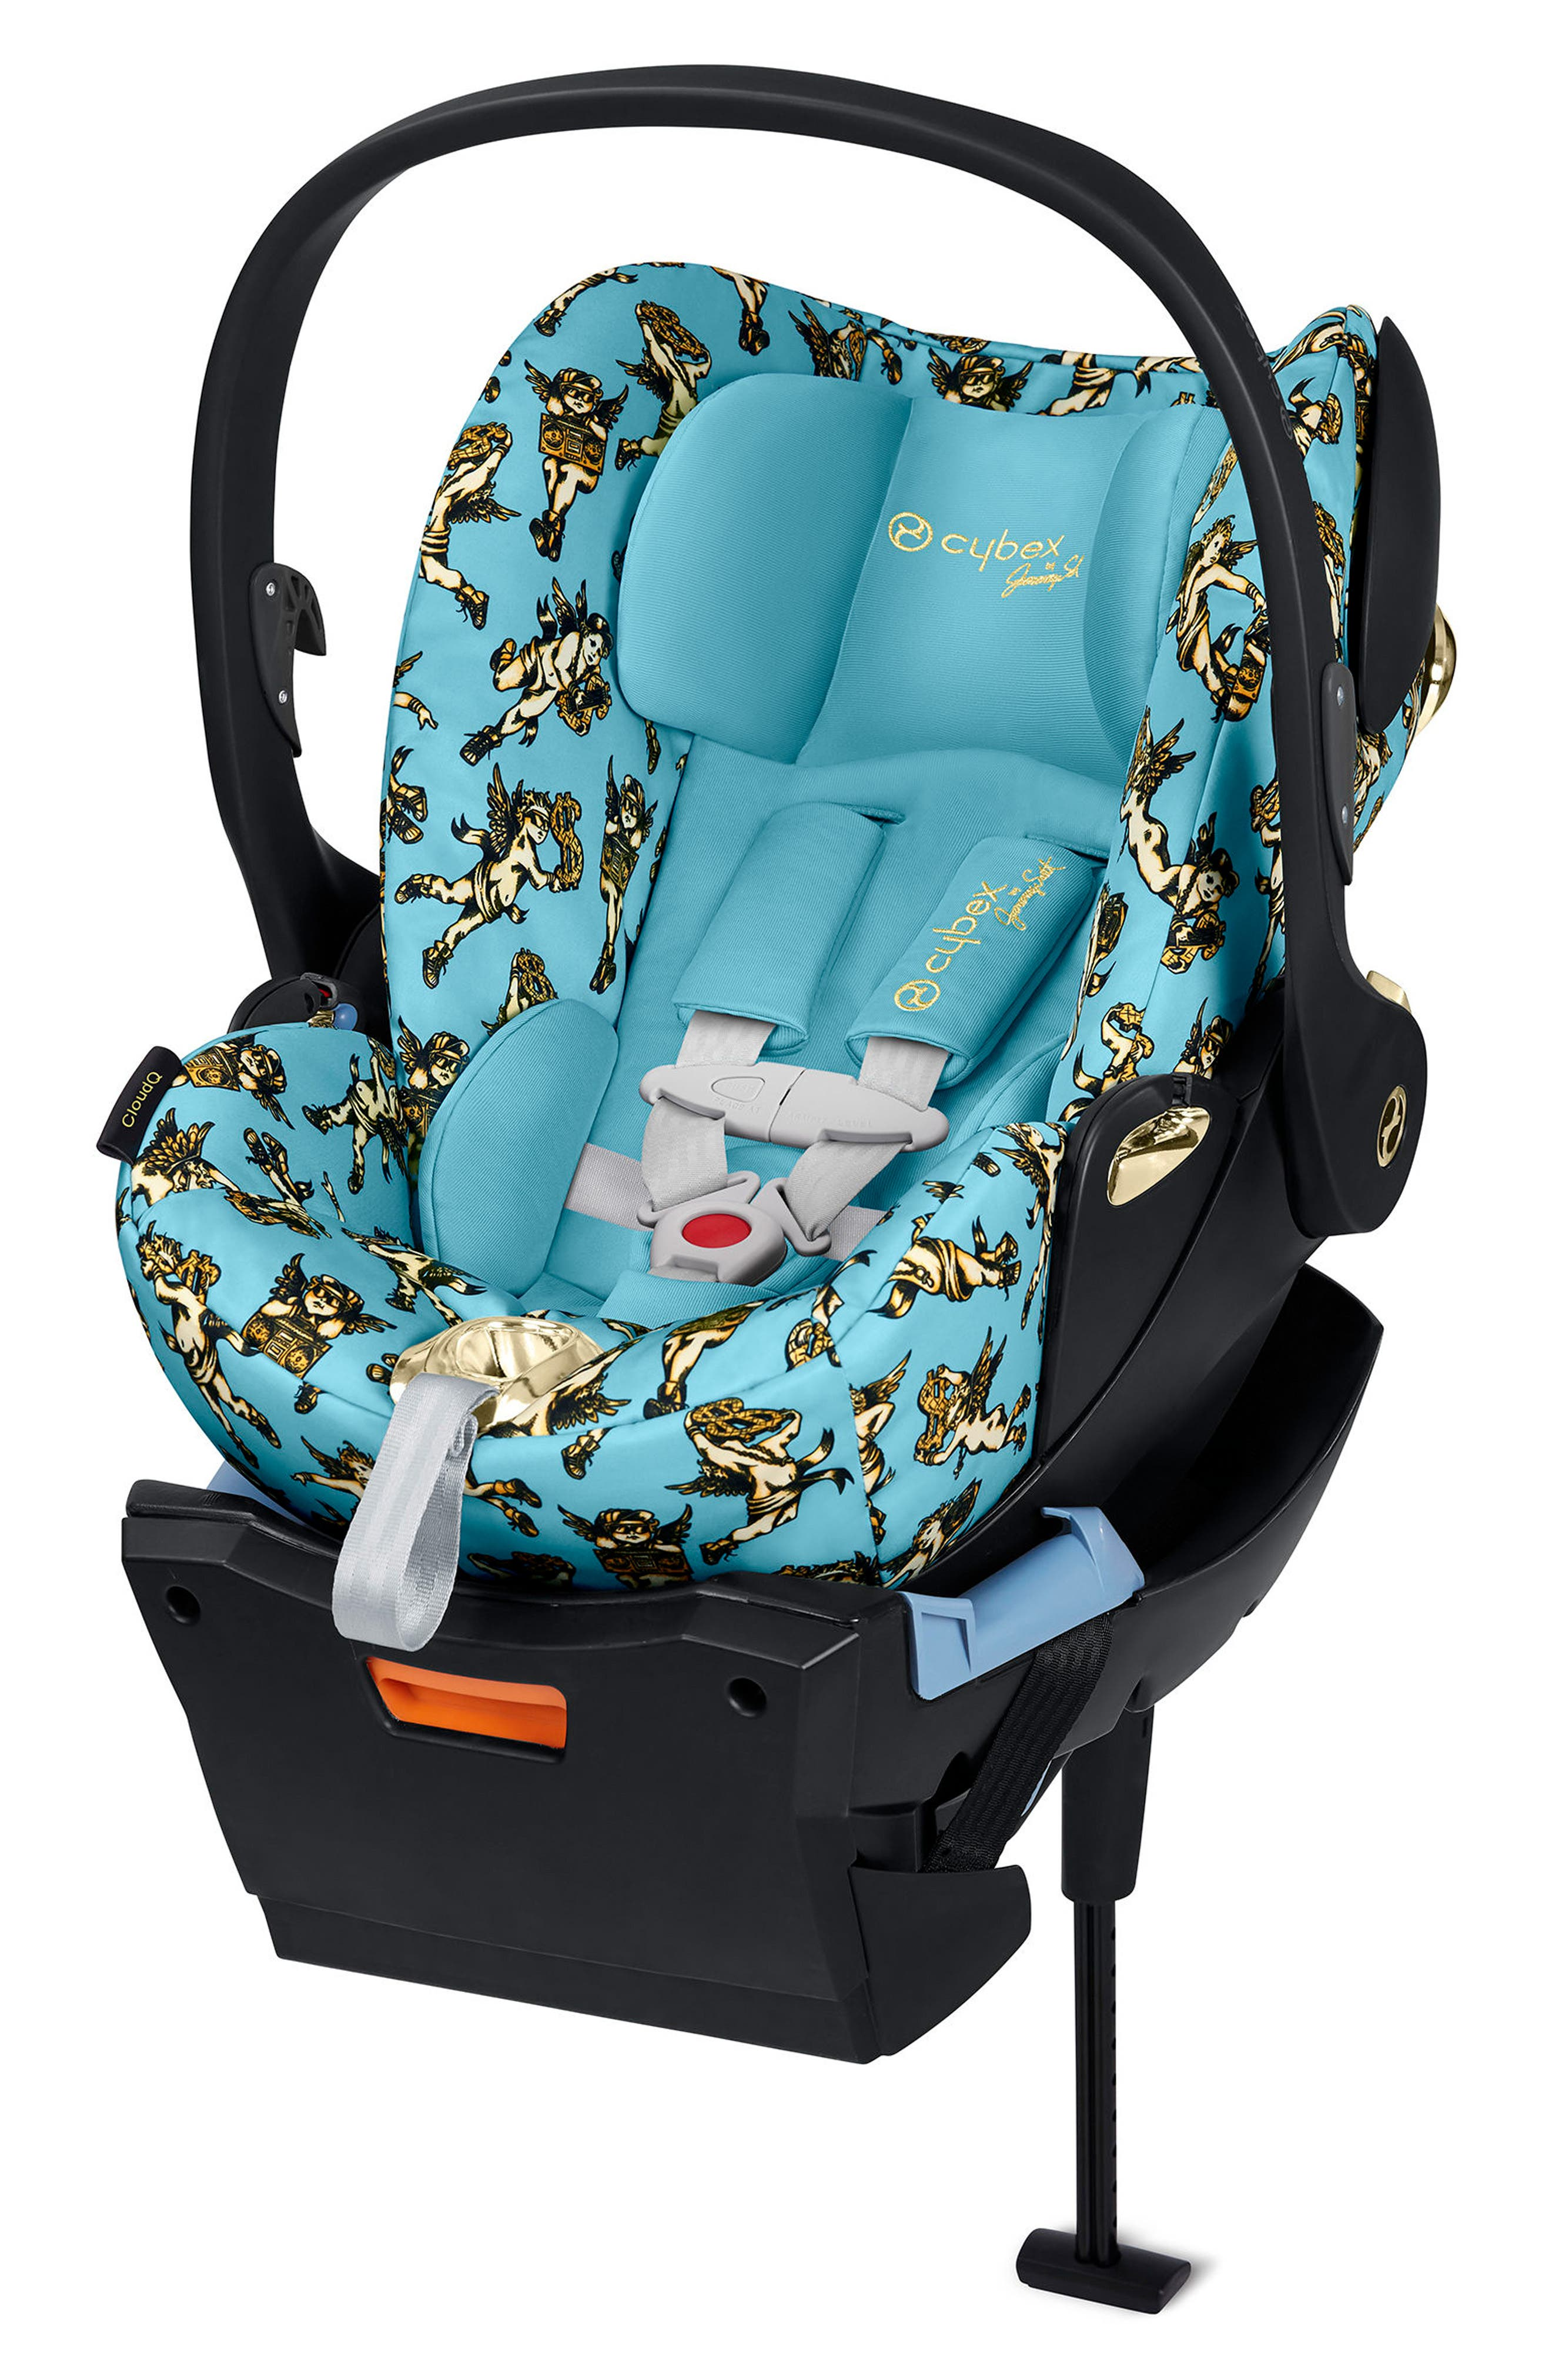 x Jeremy Scott Cherubs Cloud Q Infant Car Seat & Base,                         Main,                         color, BLUE